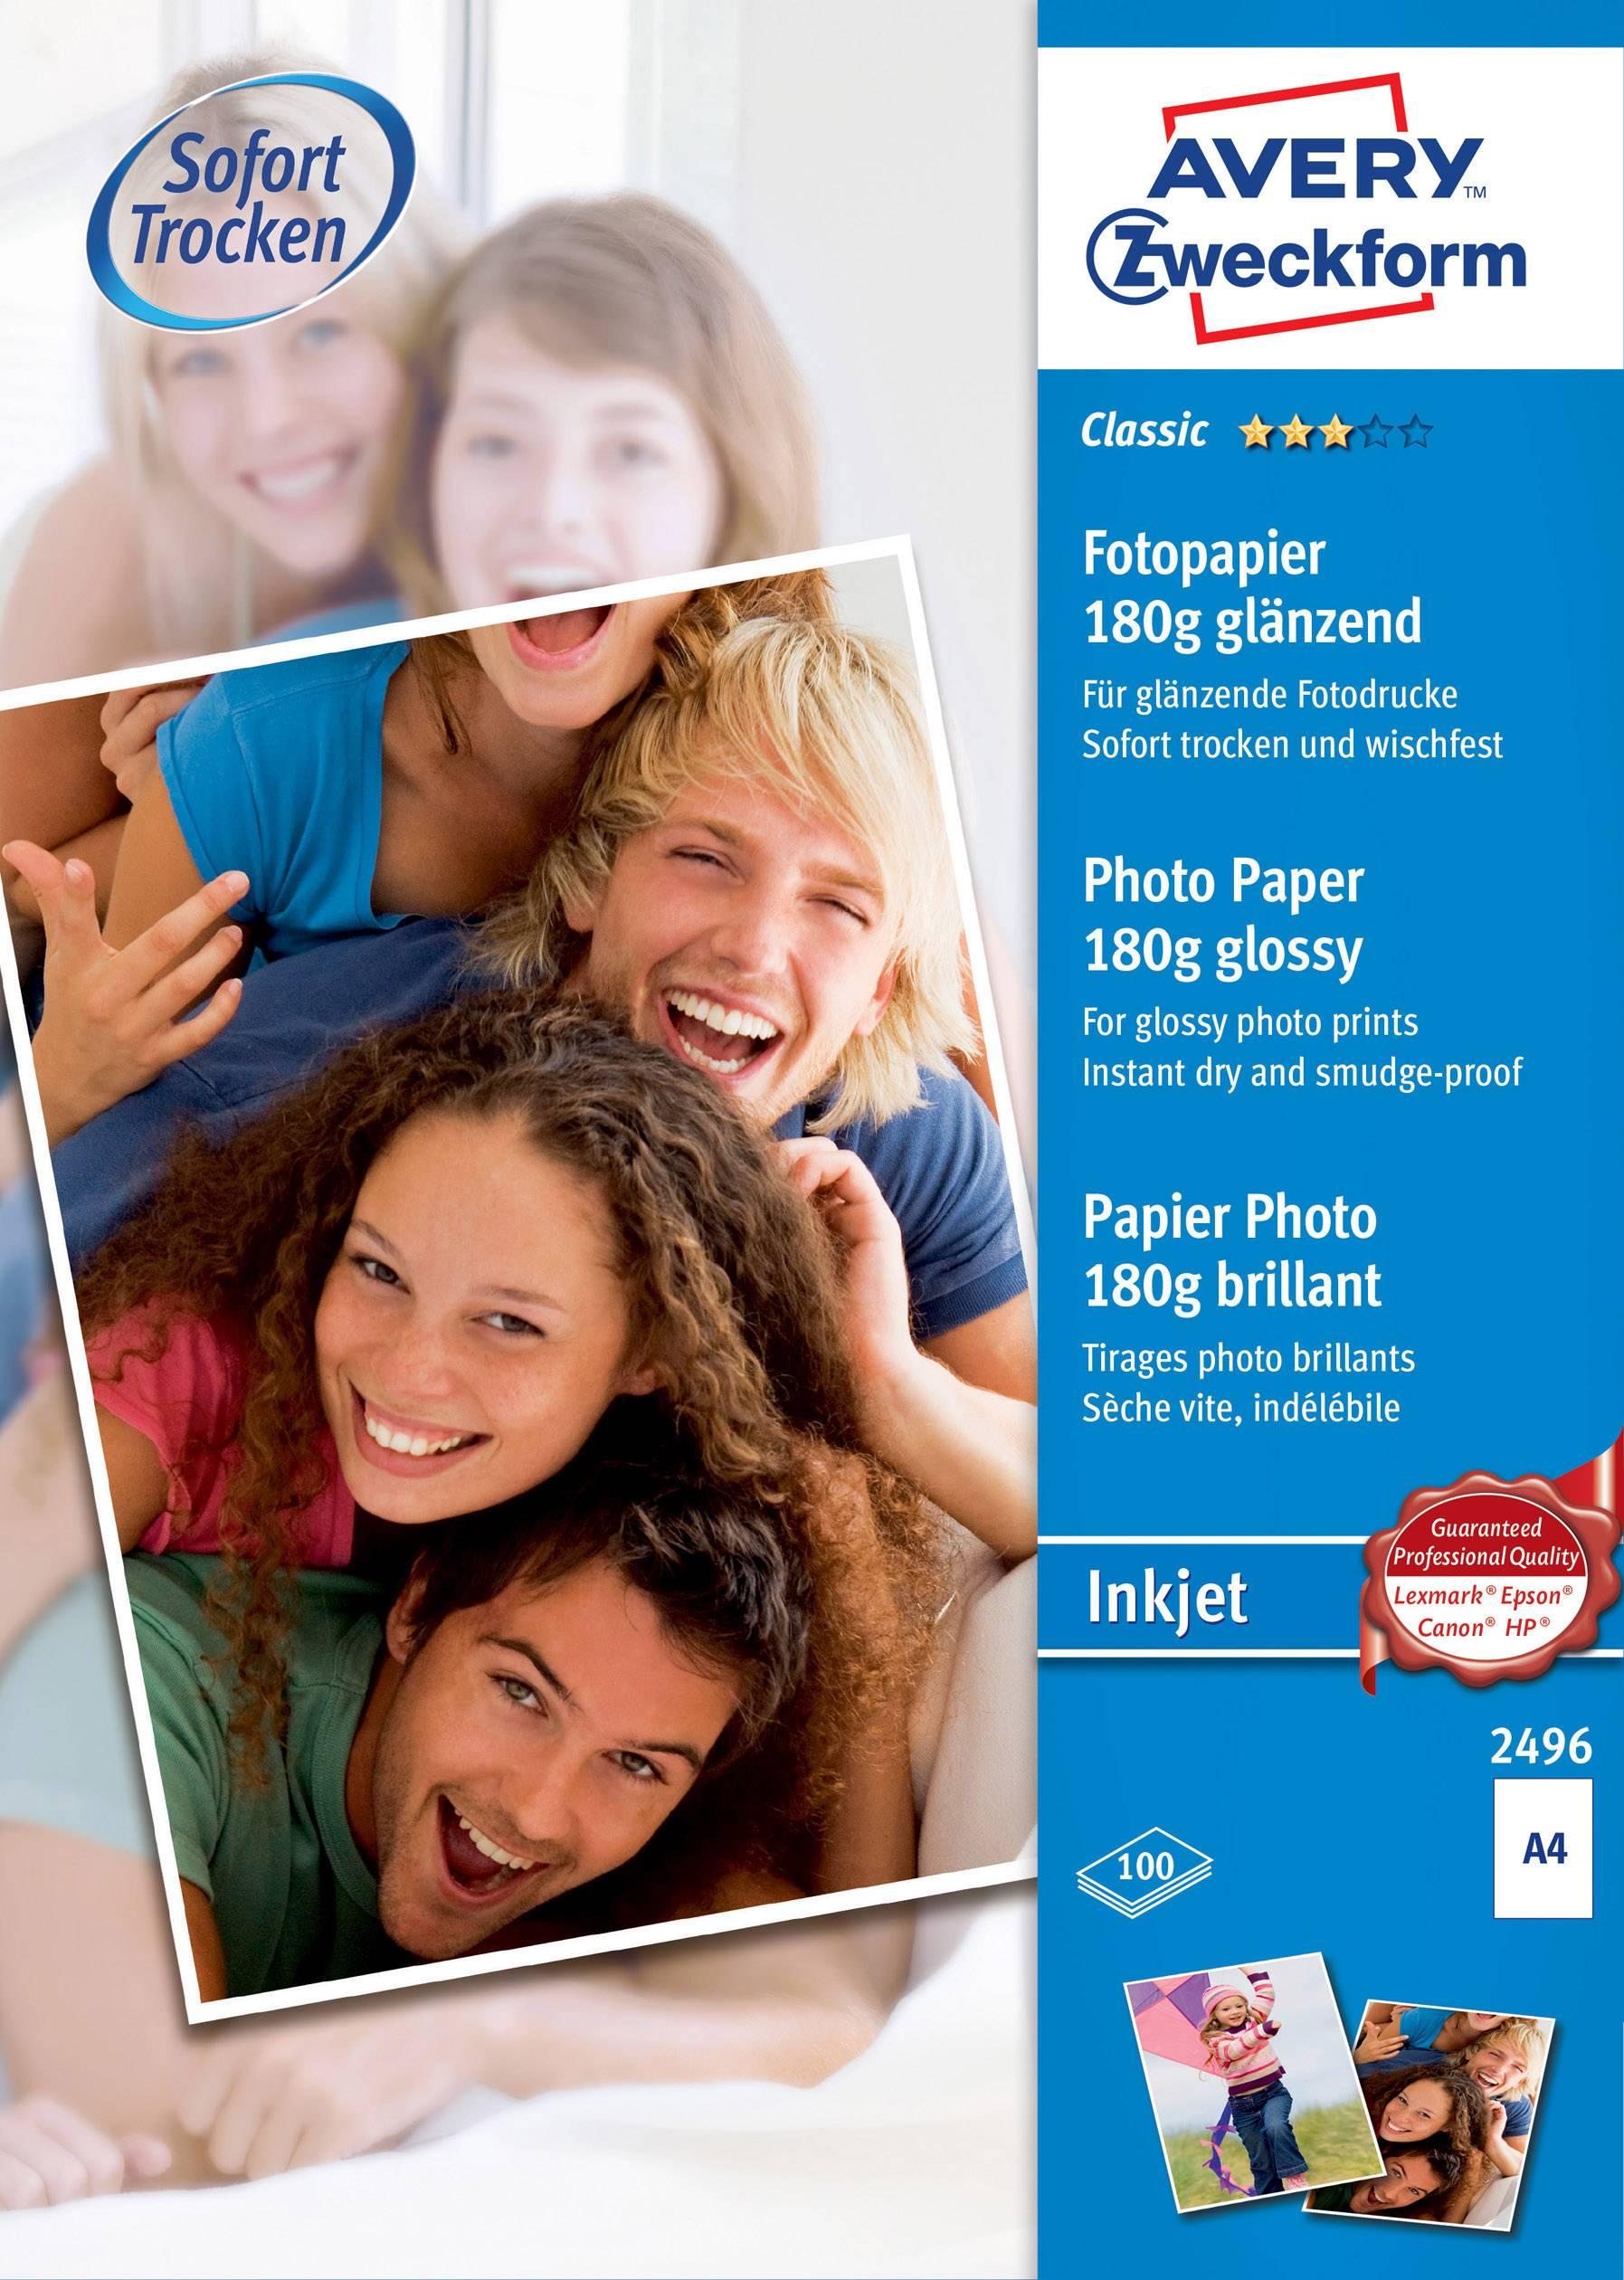 Fotografický papier Avery-Zweckform Classic Photo Paper Inkjet 2496, A4, 180 gm², 100 listov